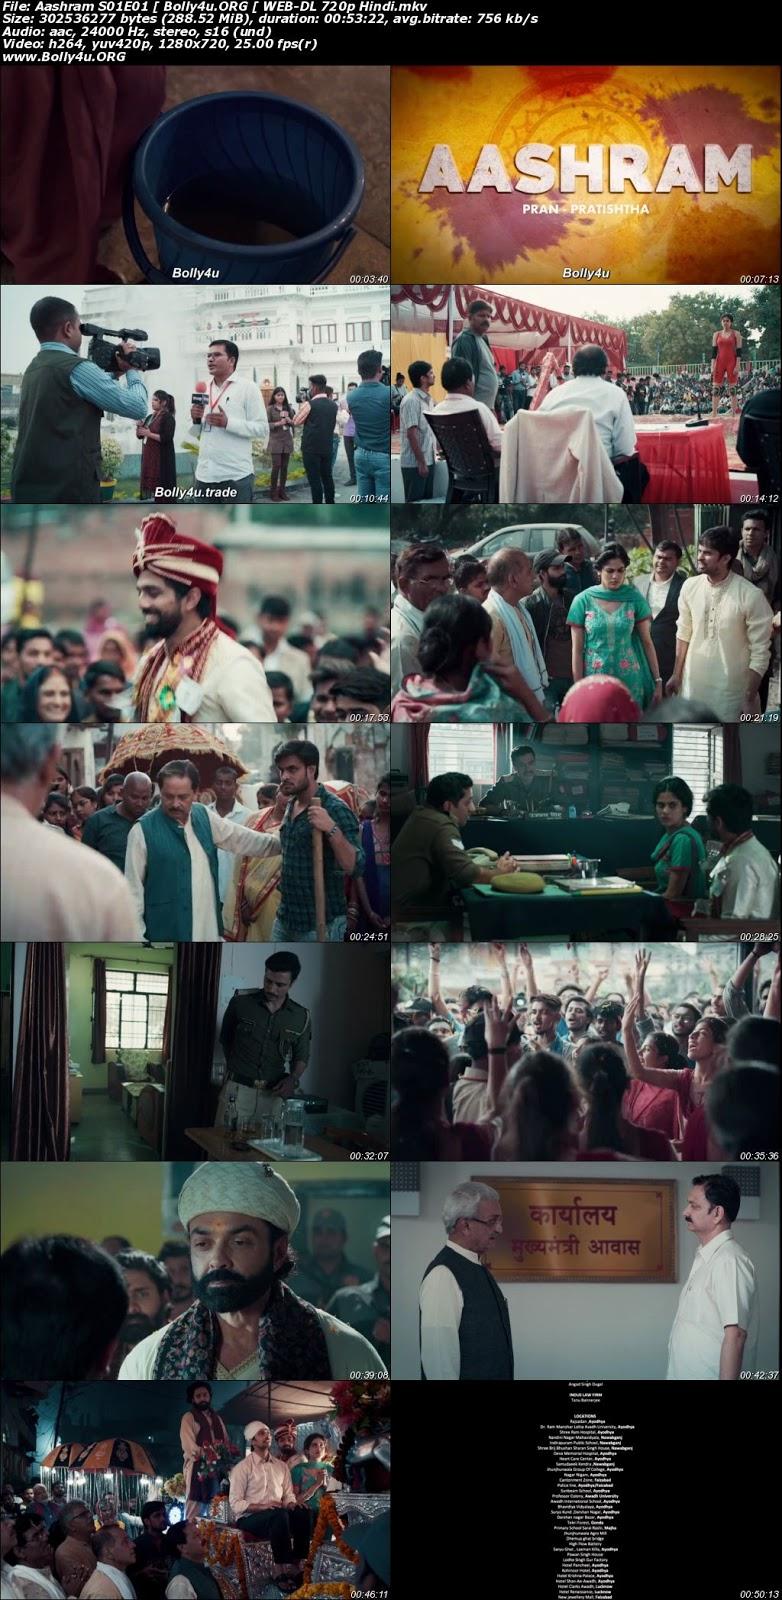 Aashram 2020 WEB-DL Hindi S01 Complete Download 720p